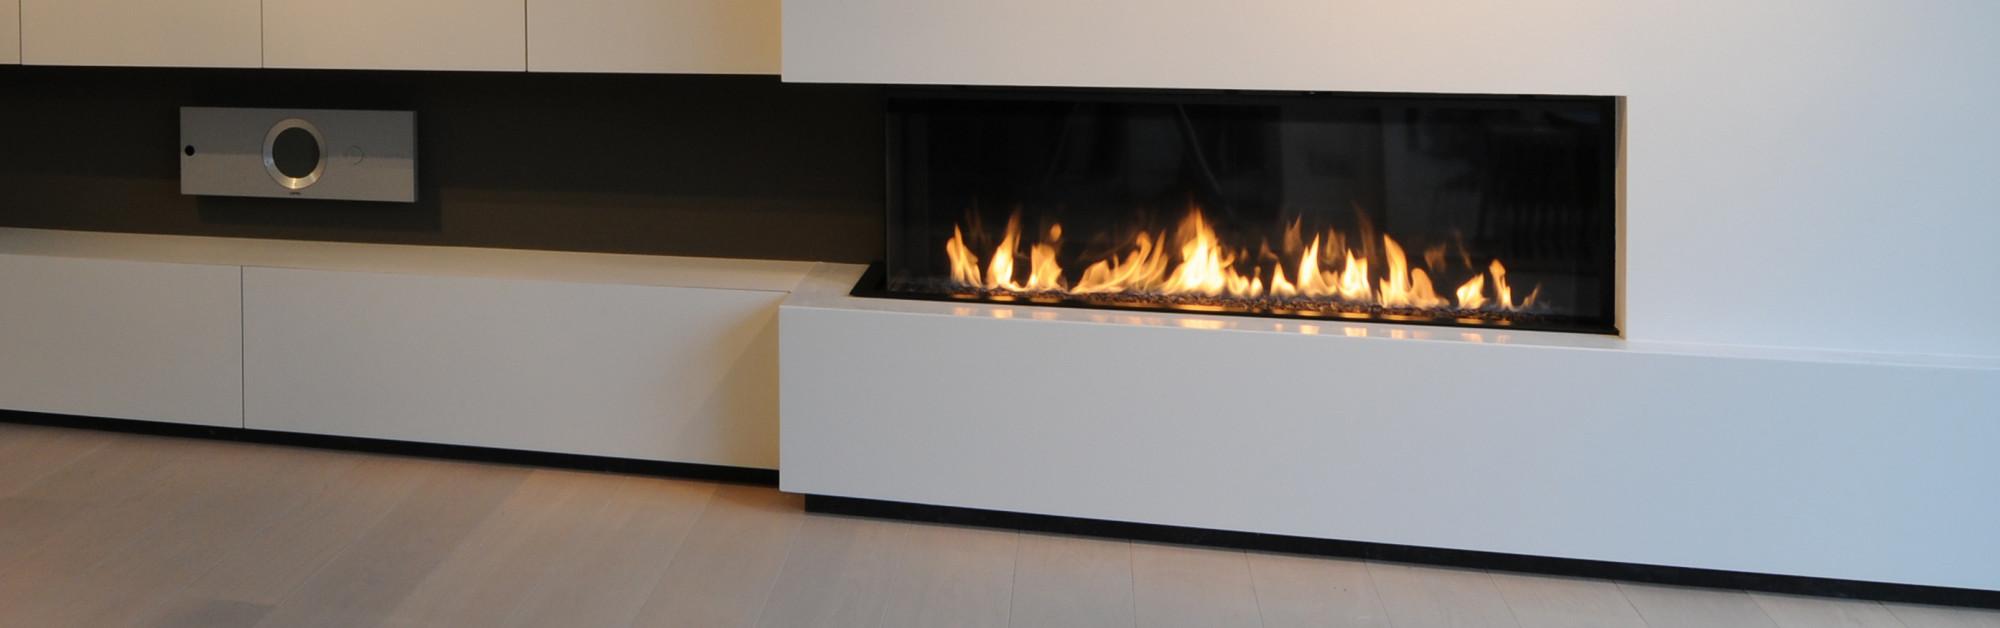 M-Design 1300CL